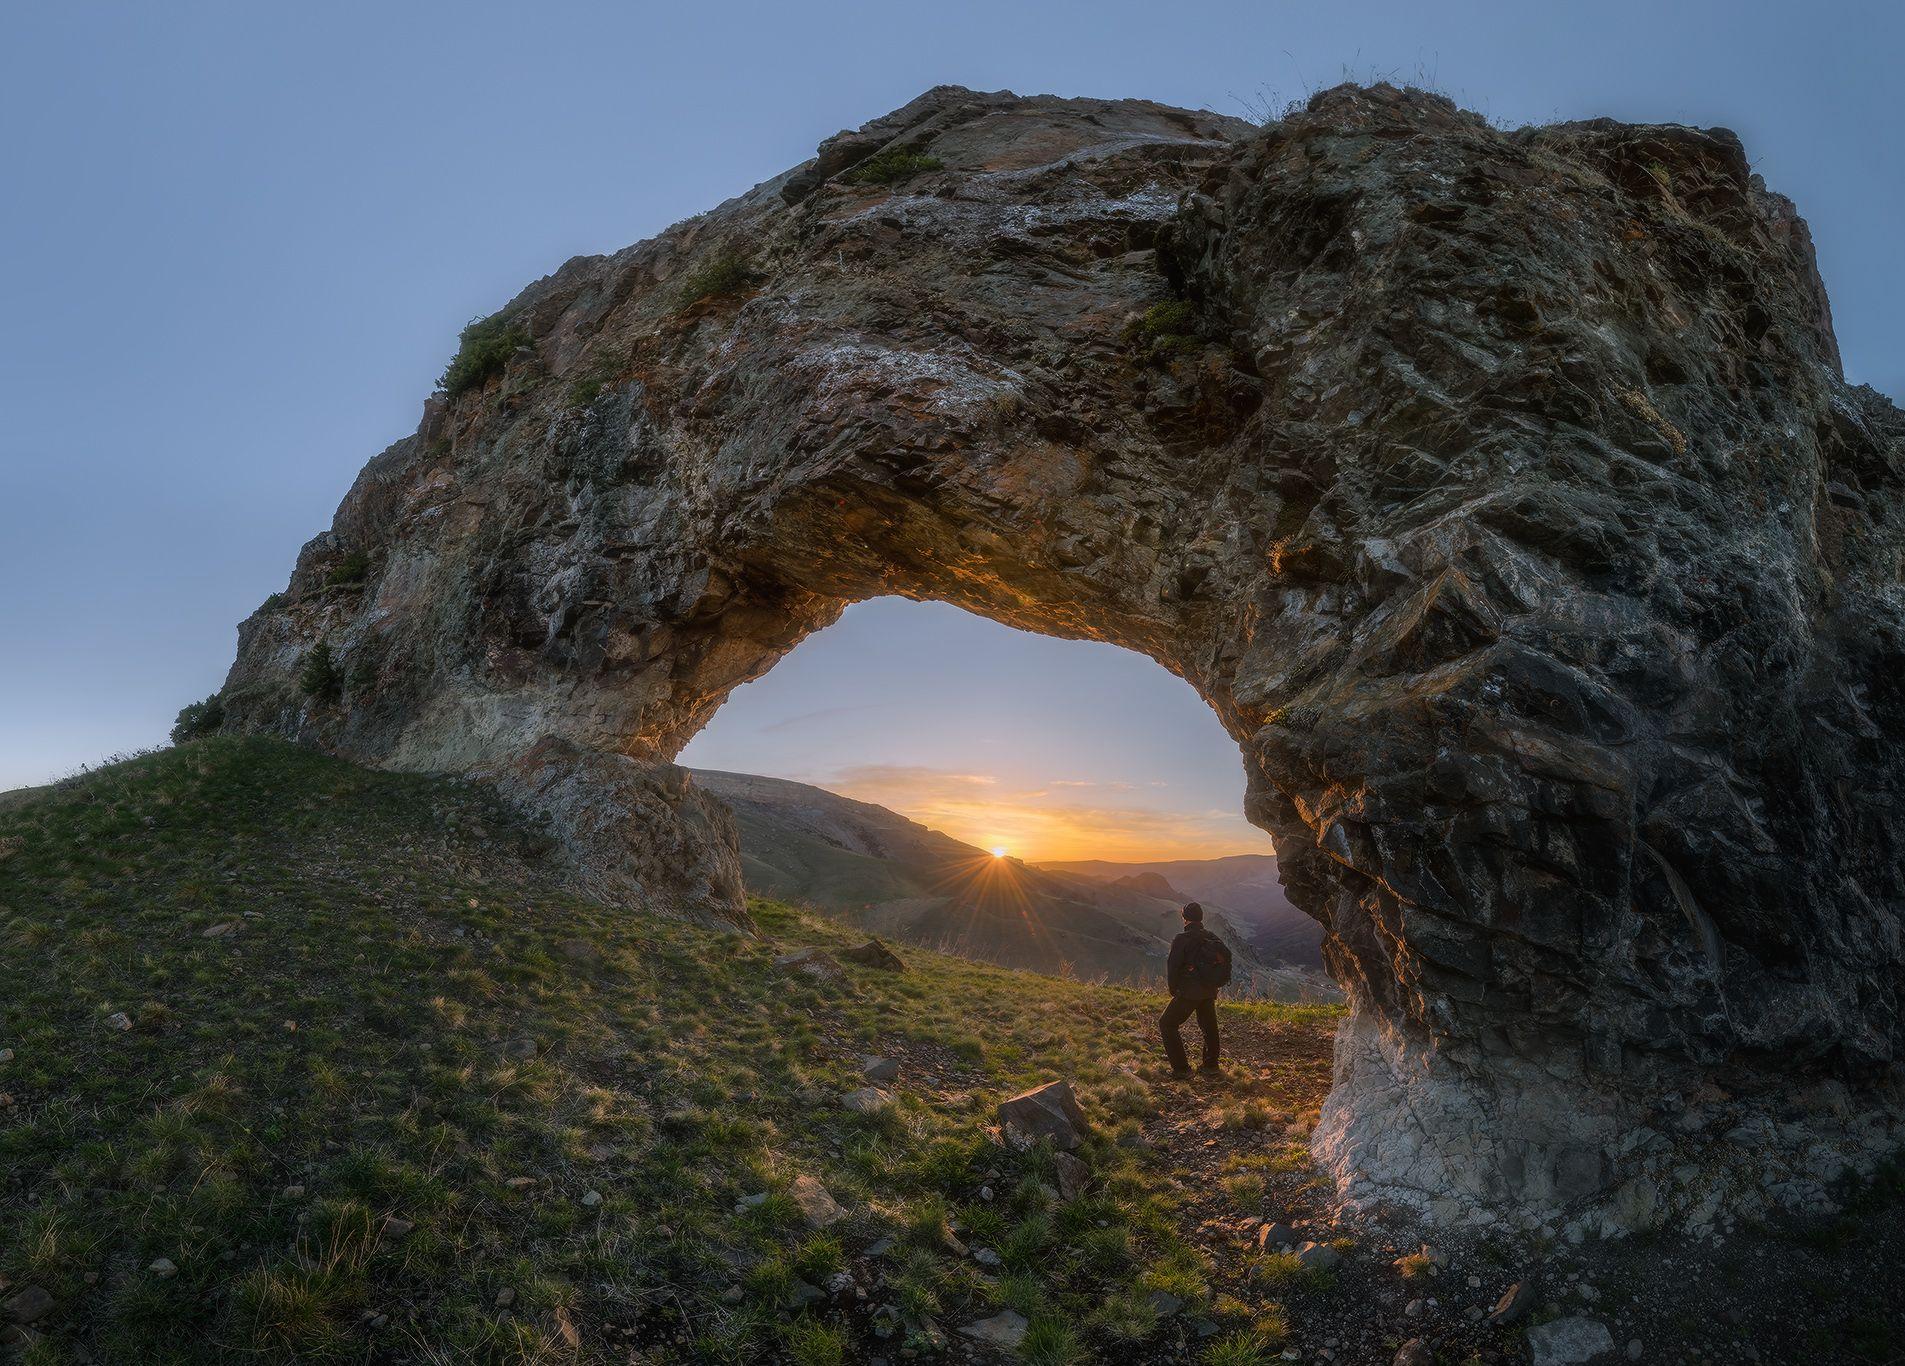 северный кавказ. карачаево-черкесия, скала арка, рассвет ,весна, Мысливцев Николай